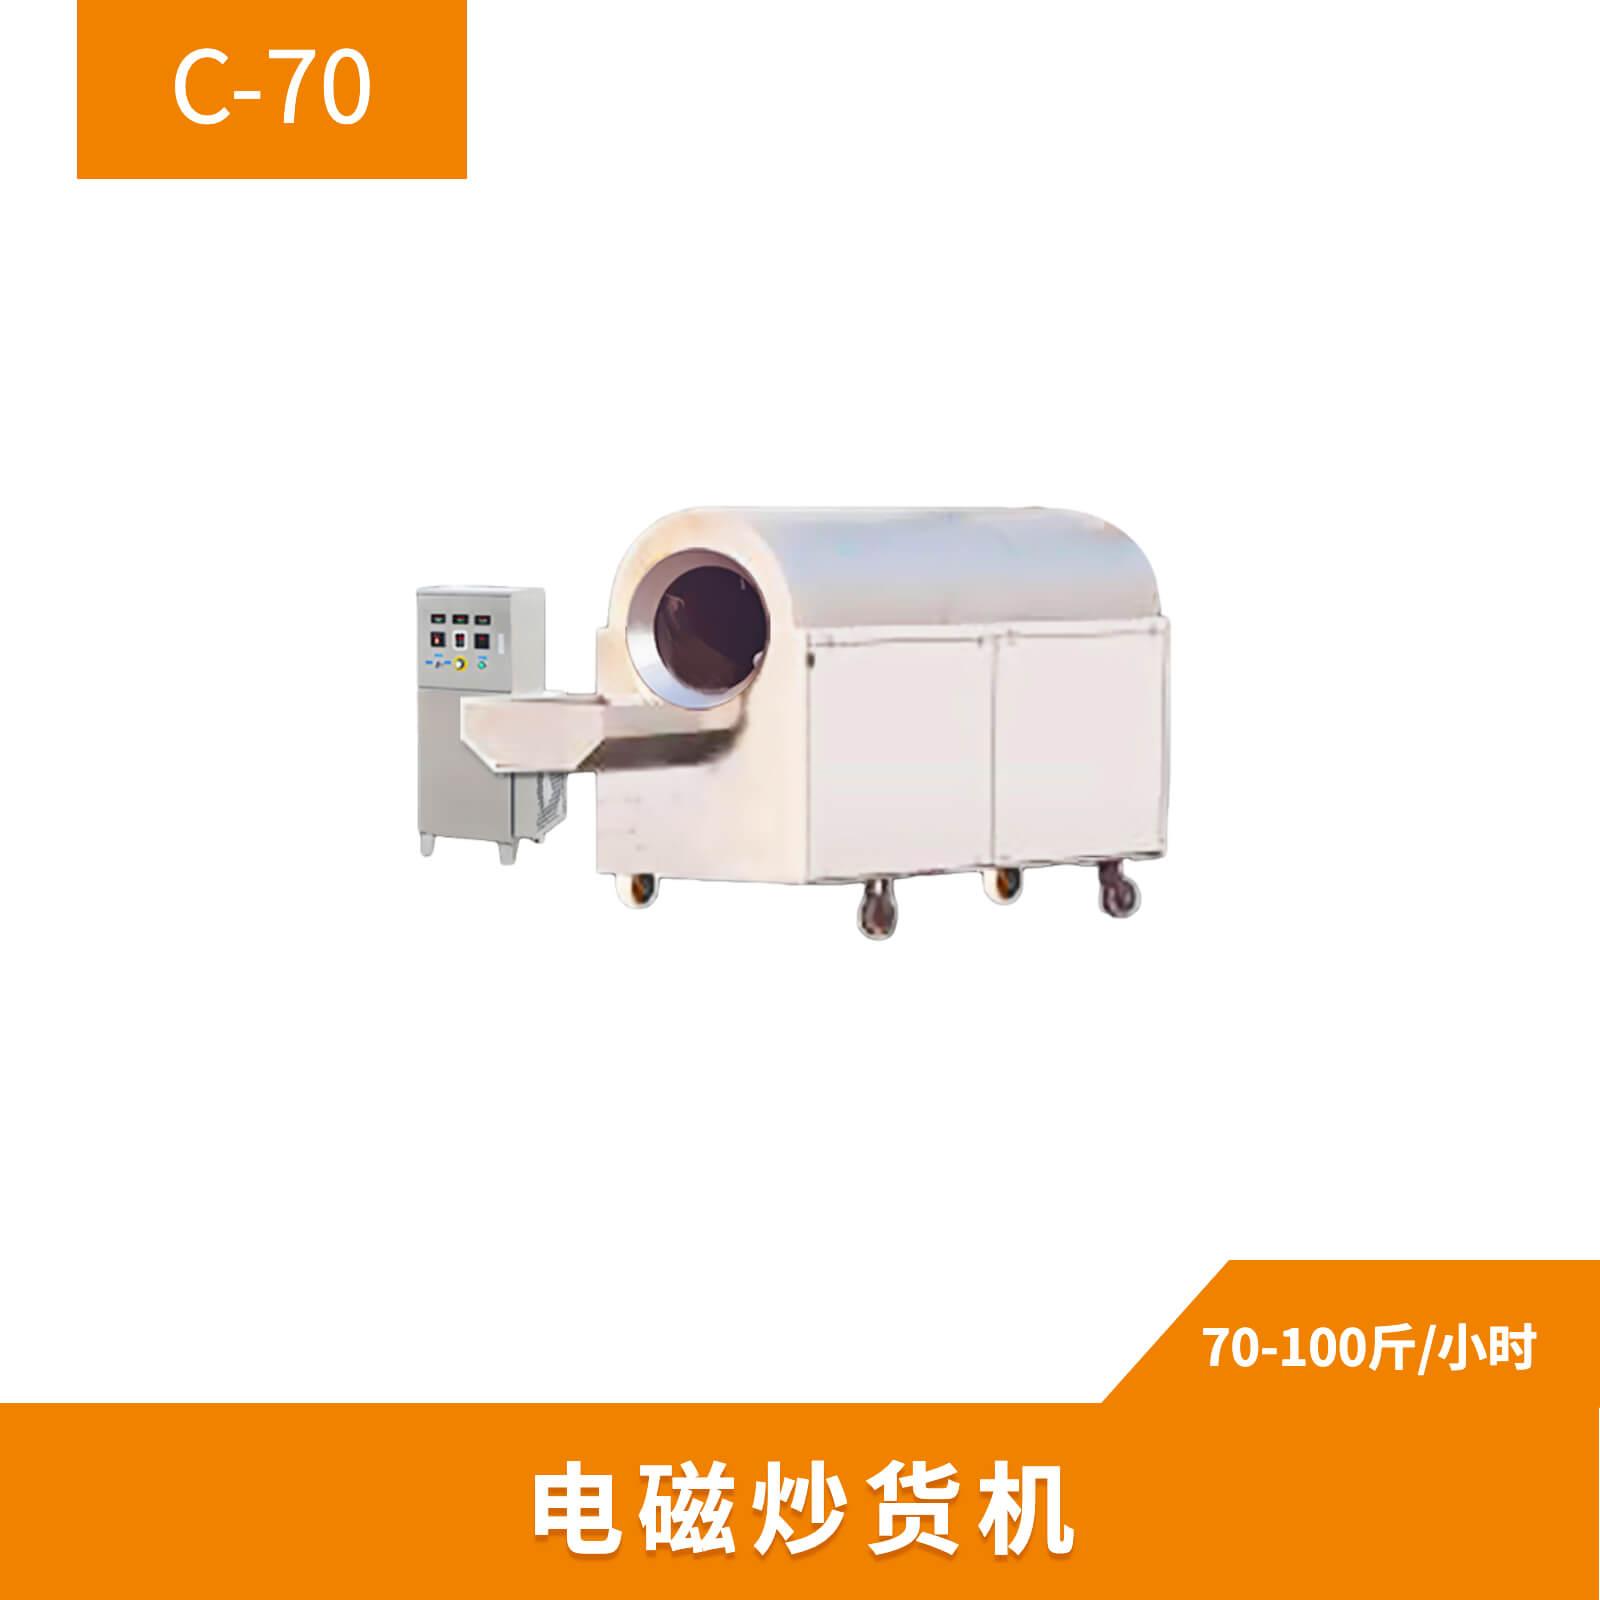 电磁炒货机C-70